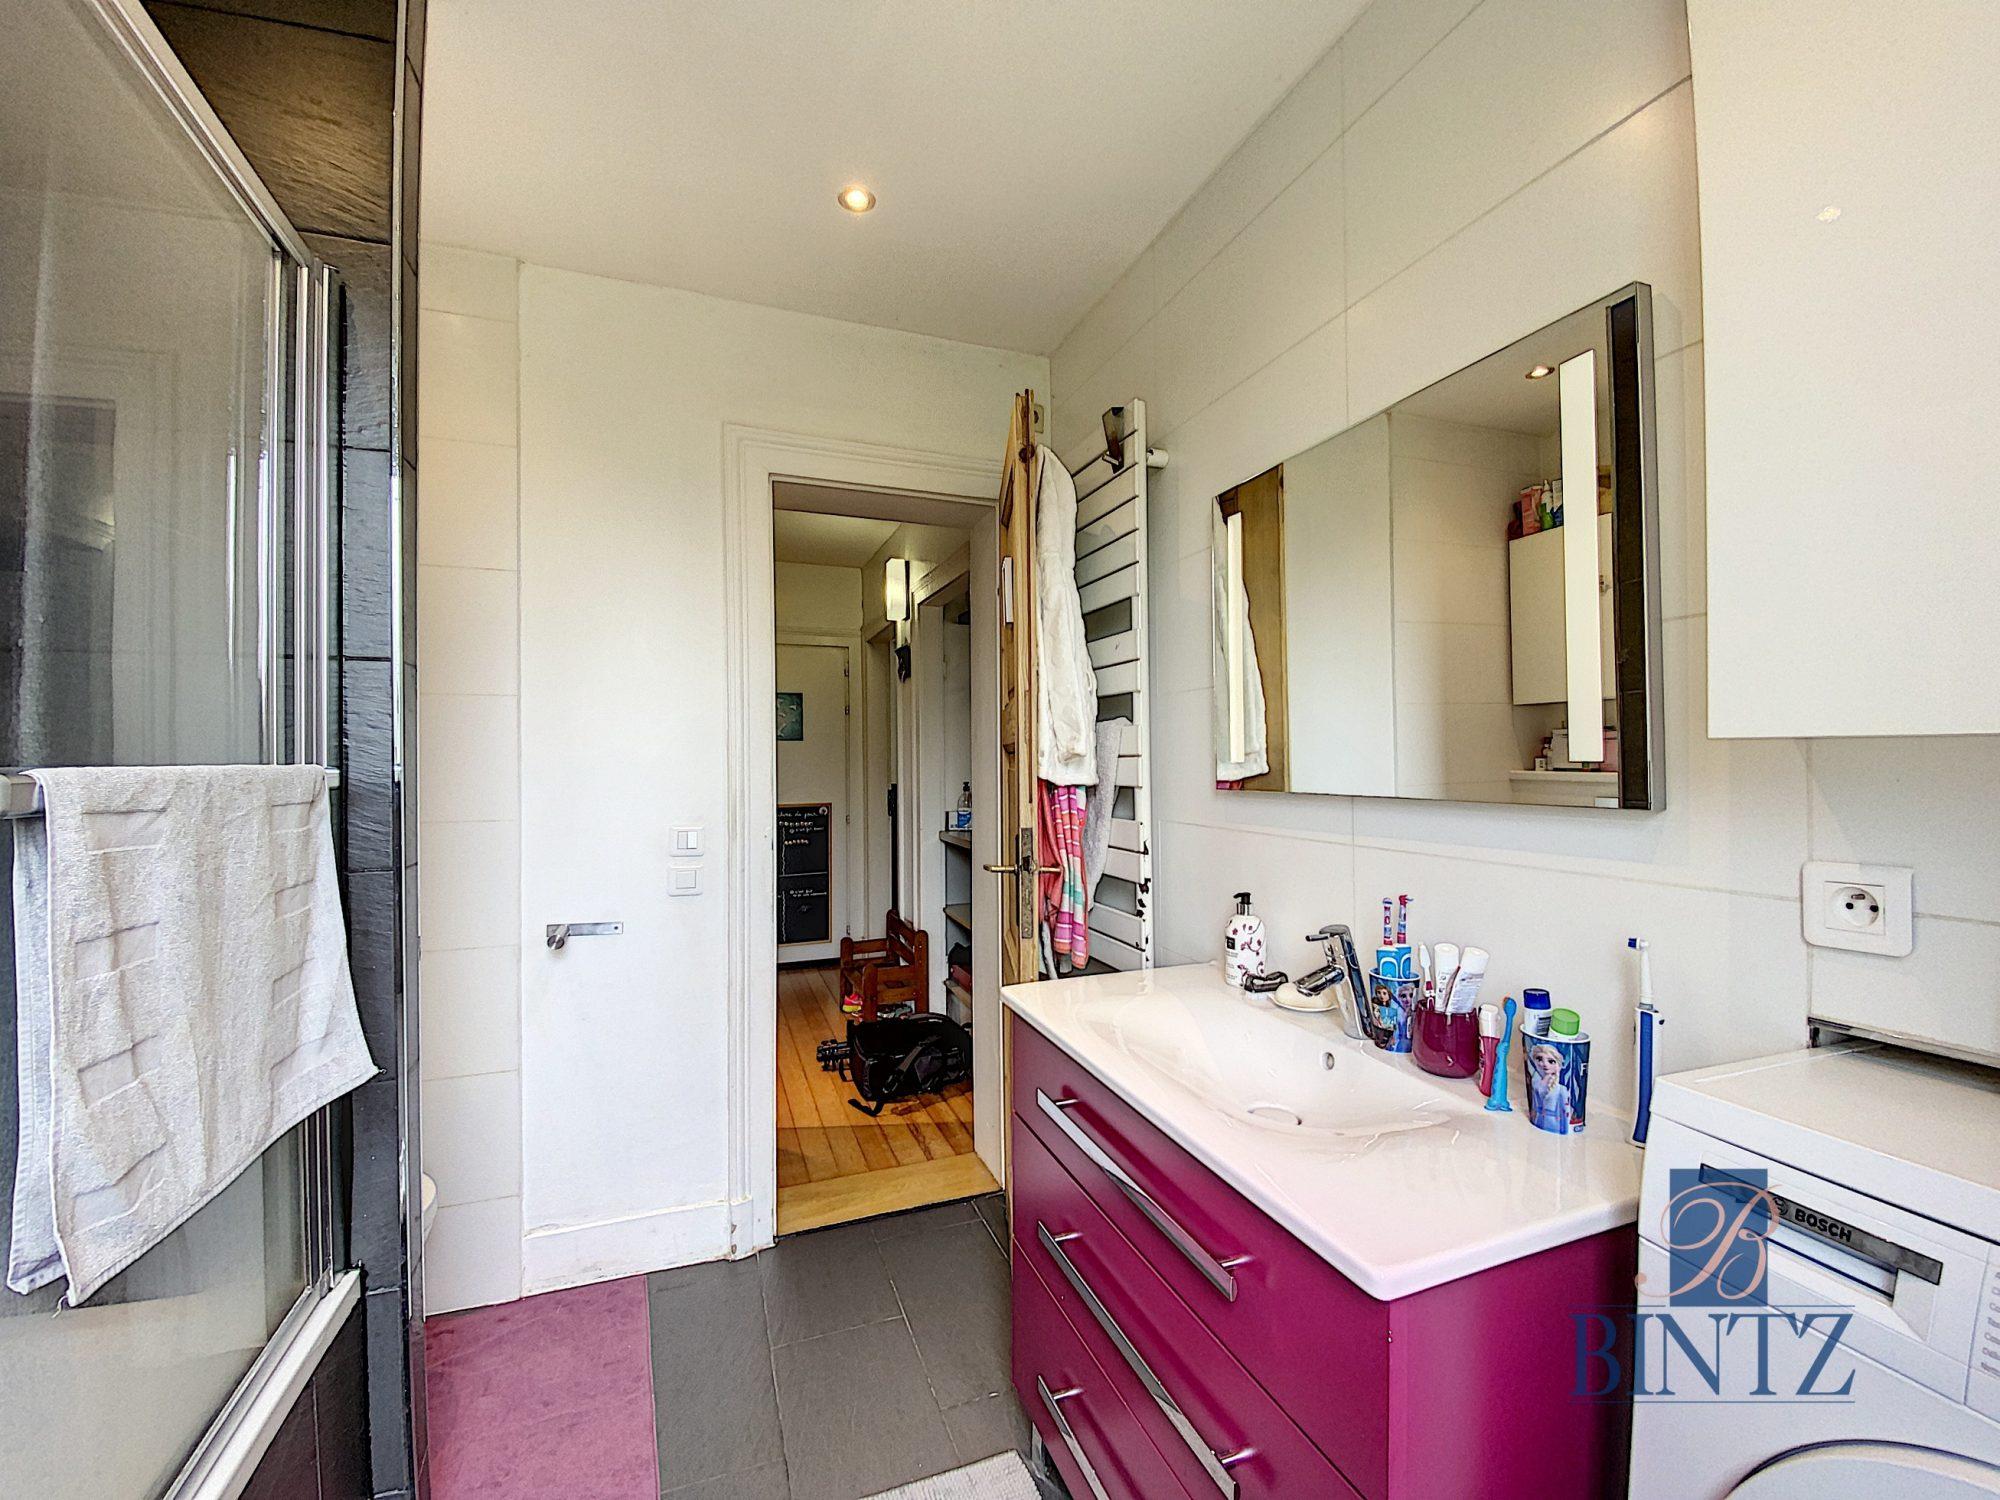 3 pièces avec terrasse à la Robertsau - Devenez propriétaire en toute confiance - Bintz Immobilier - 17